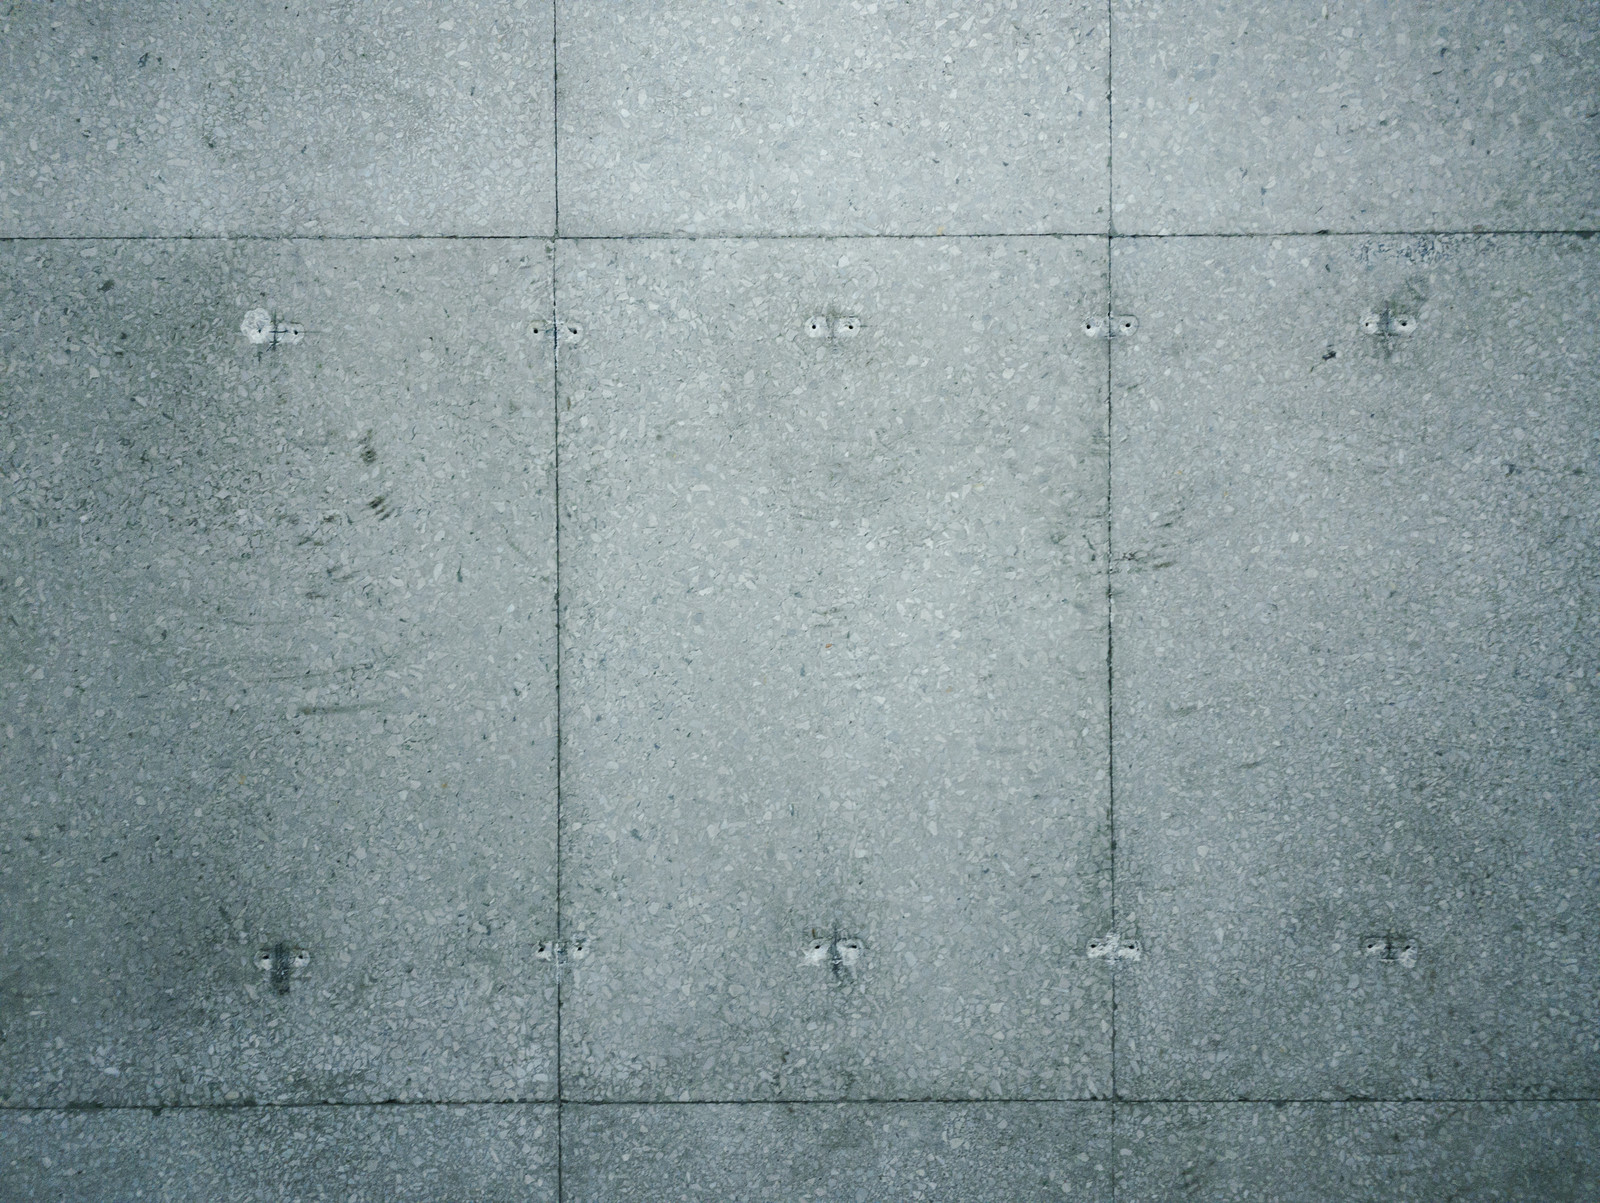 「アンカー跡が残るコンクリート壁」の写真